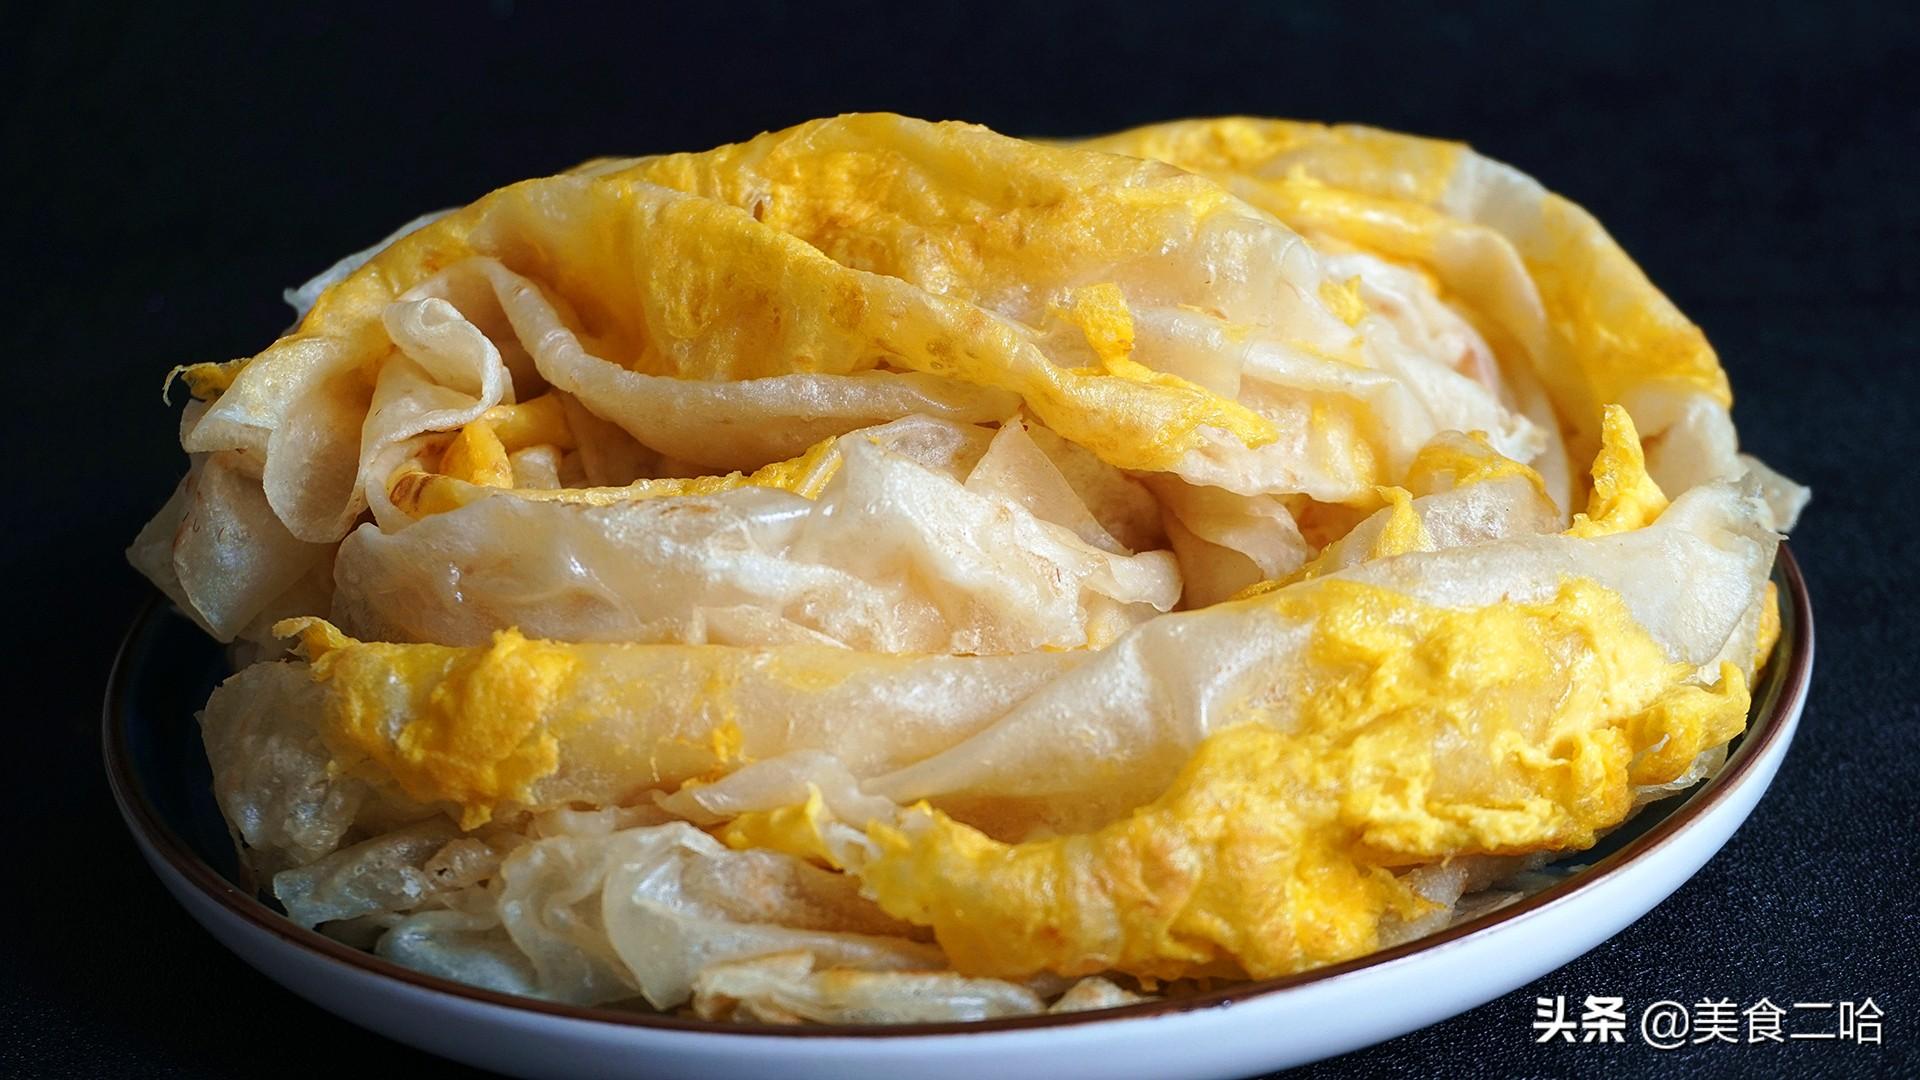 绸带鸡蛋饼:下锅10秒就能熟,滑软的就像绸缎一样,适合做早餐 美食做法 第11张